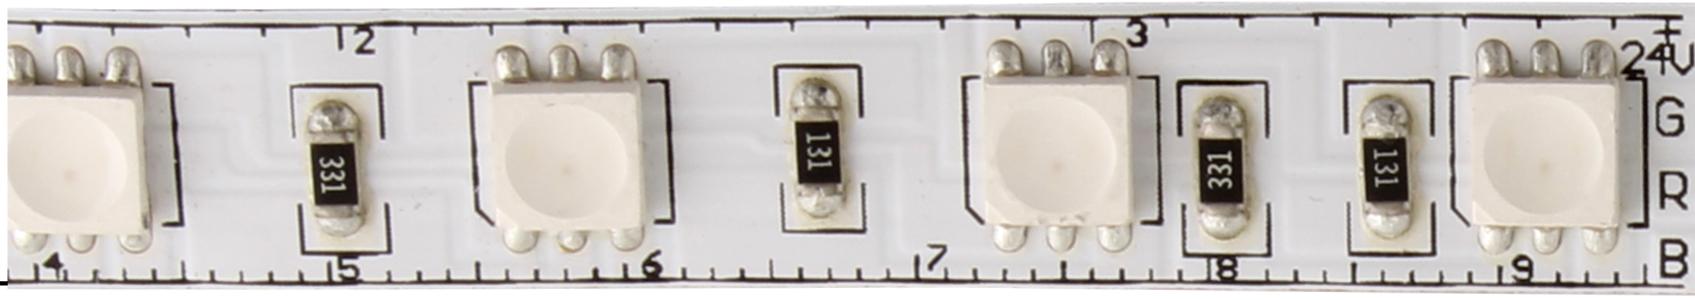 Elco Lighting E1460-24M 16 LED TAPE LT 4.4W//FT 24V RGB